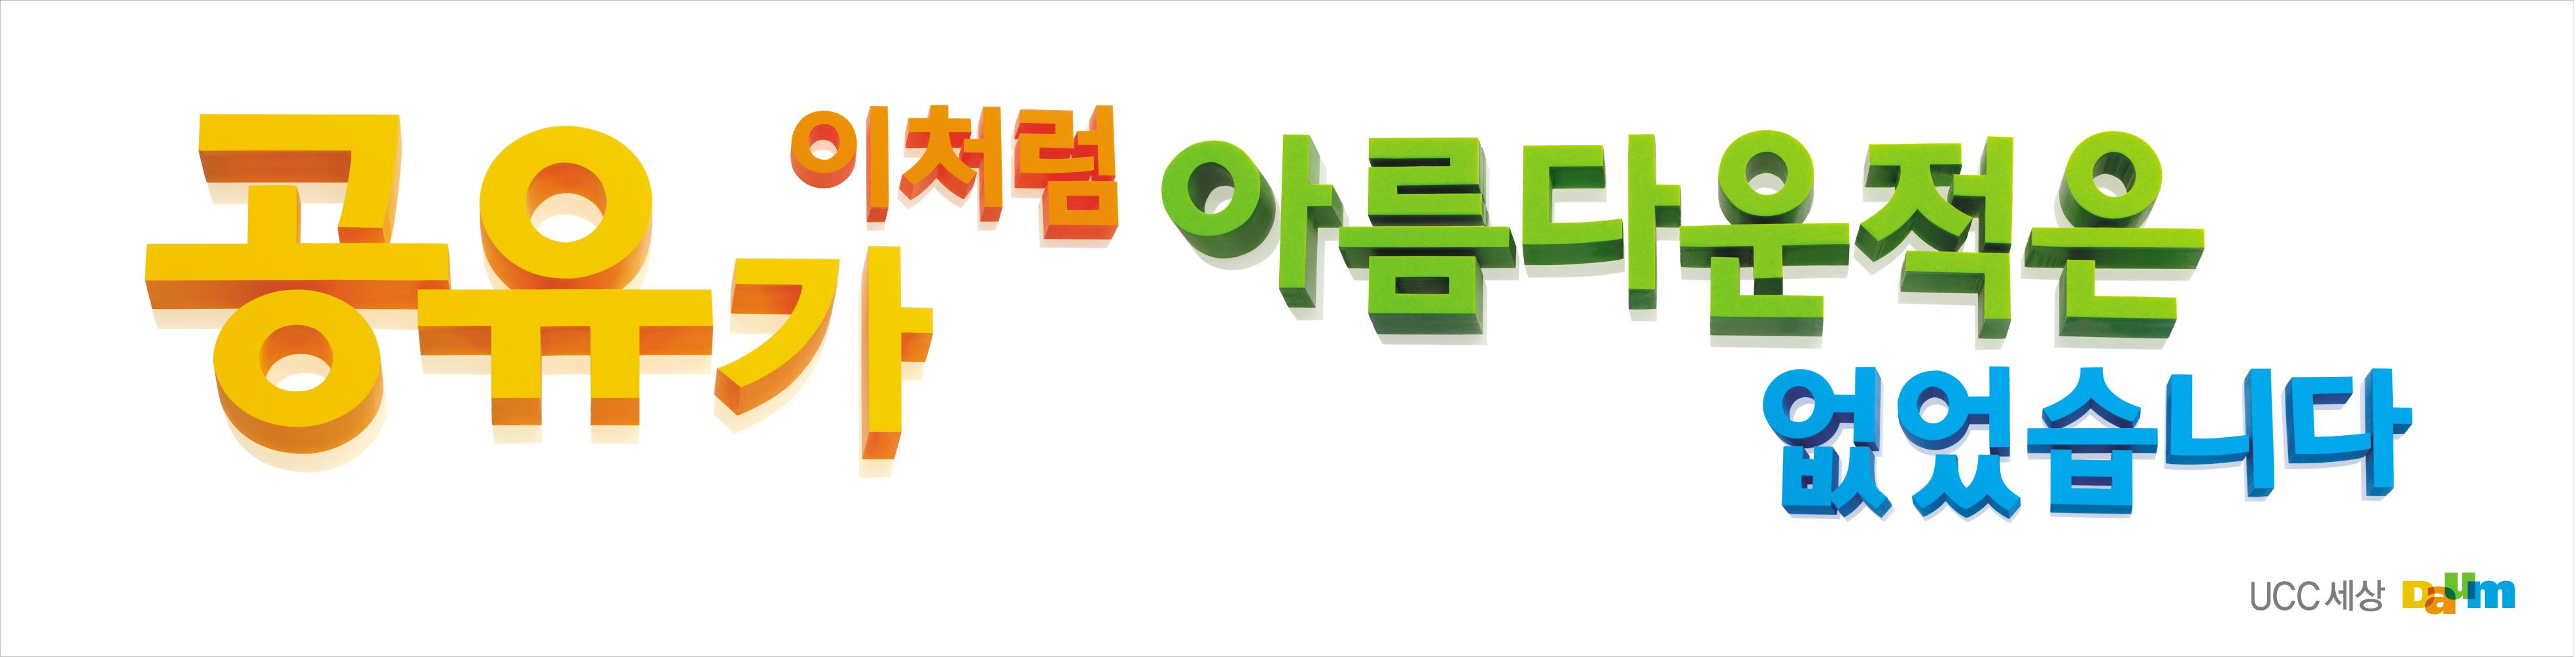 다음 버스 광고 - 공유편